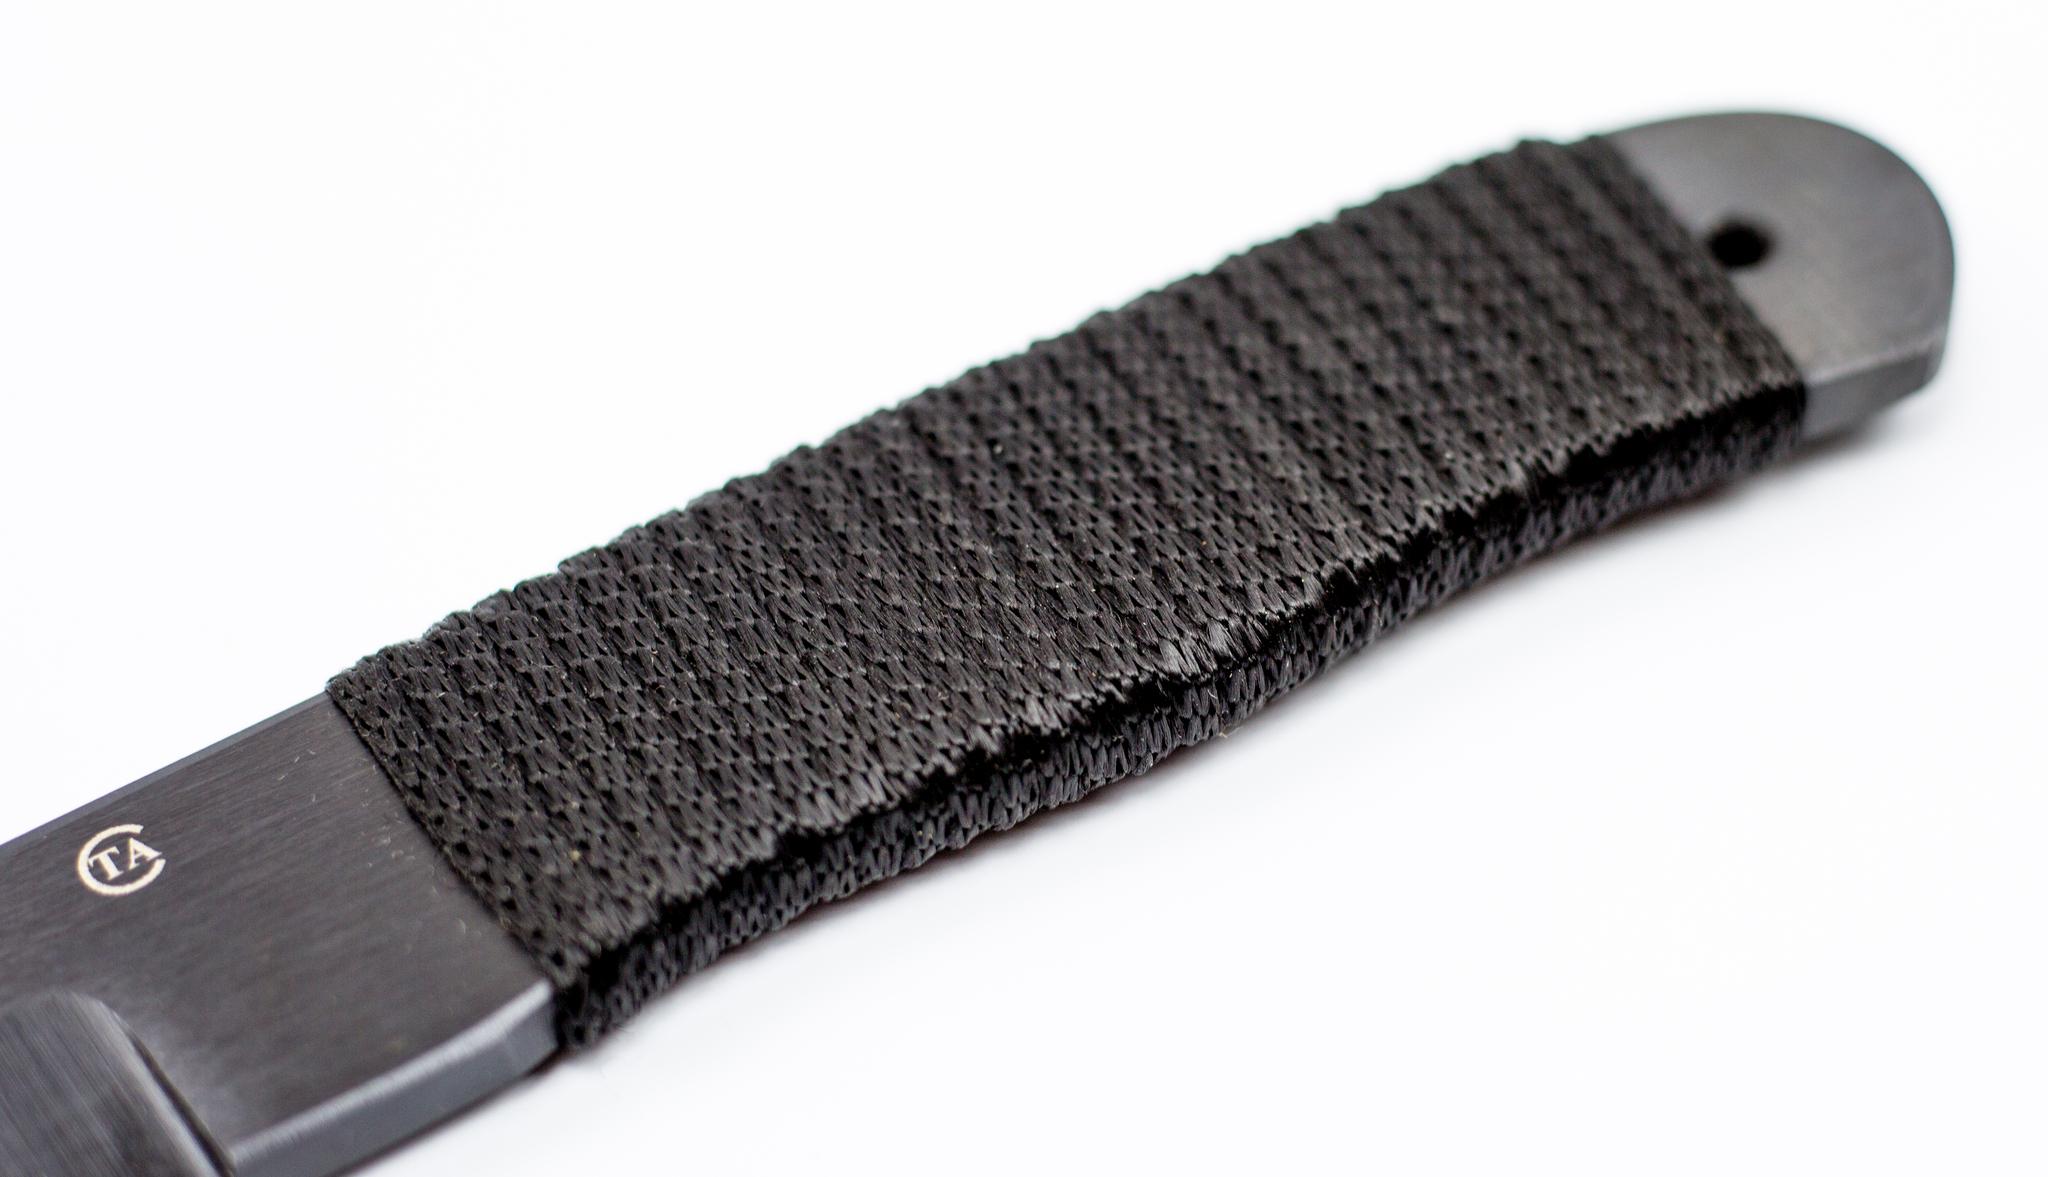 Фото 5 - Метательный нож Тайга, 65Г от Титов и Солдатова